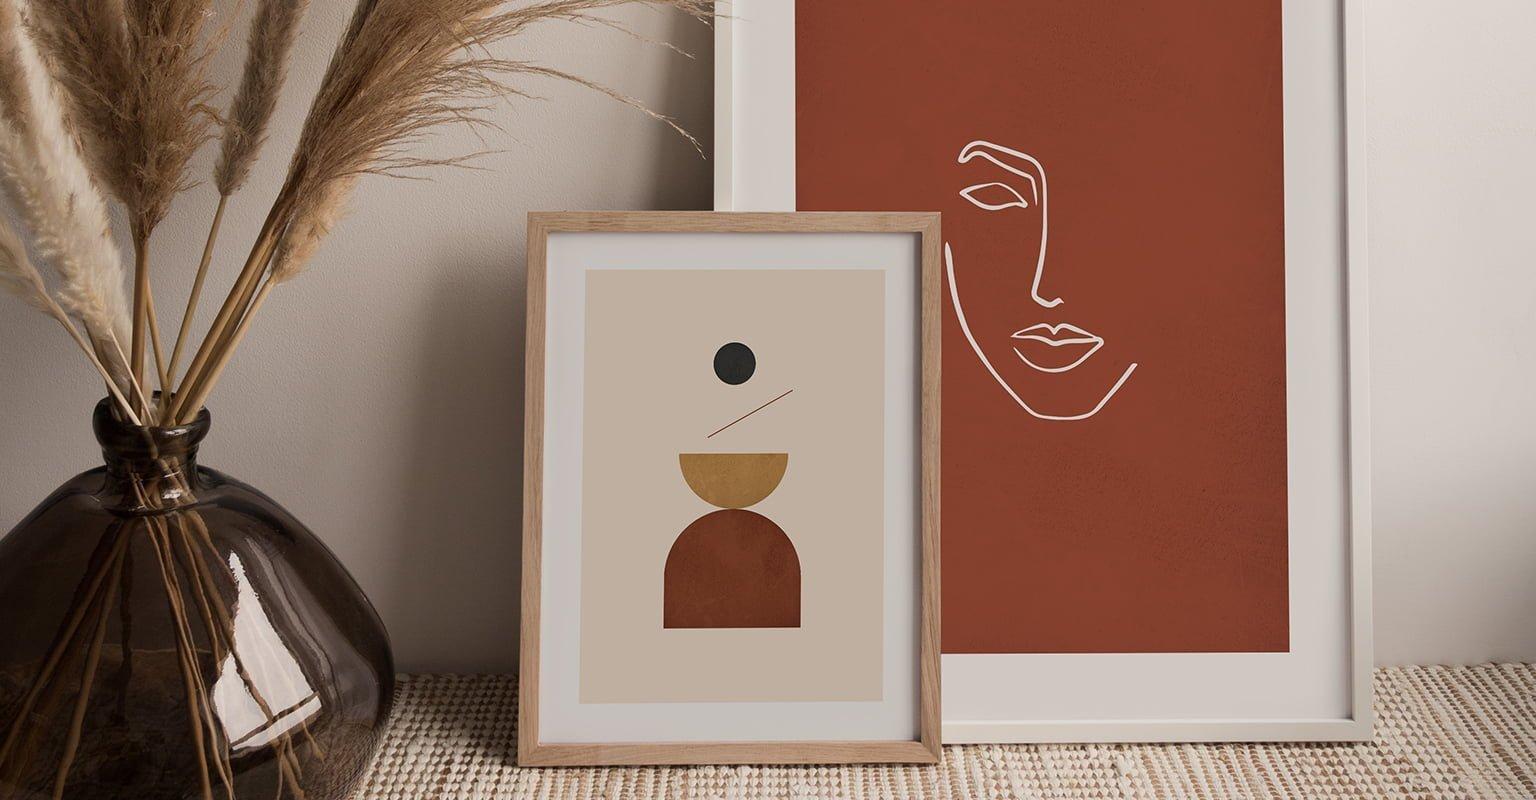 alo-creativo-productos-decoracion-laminas-decorativas-3